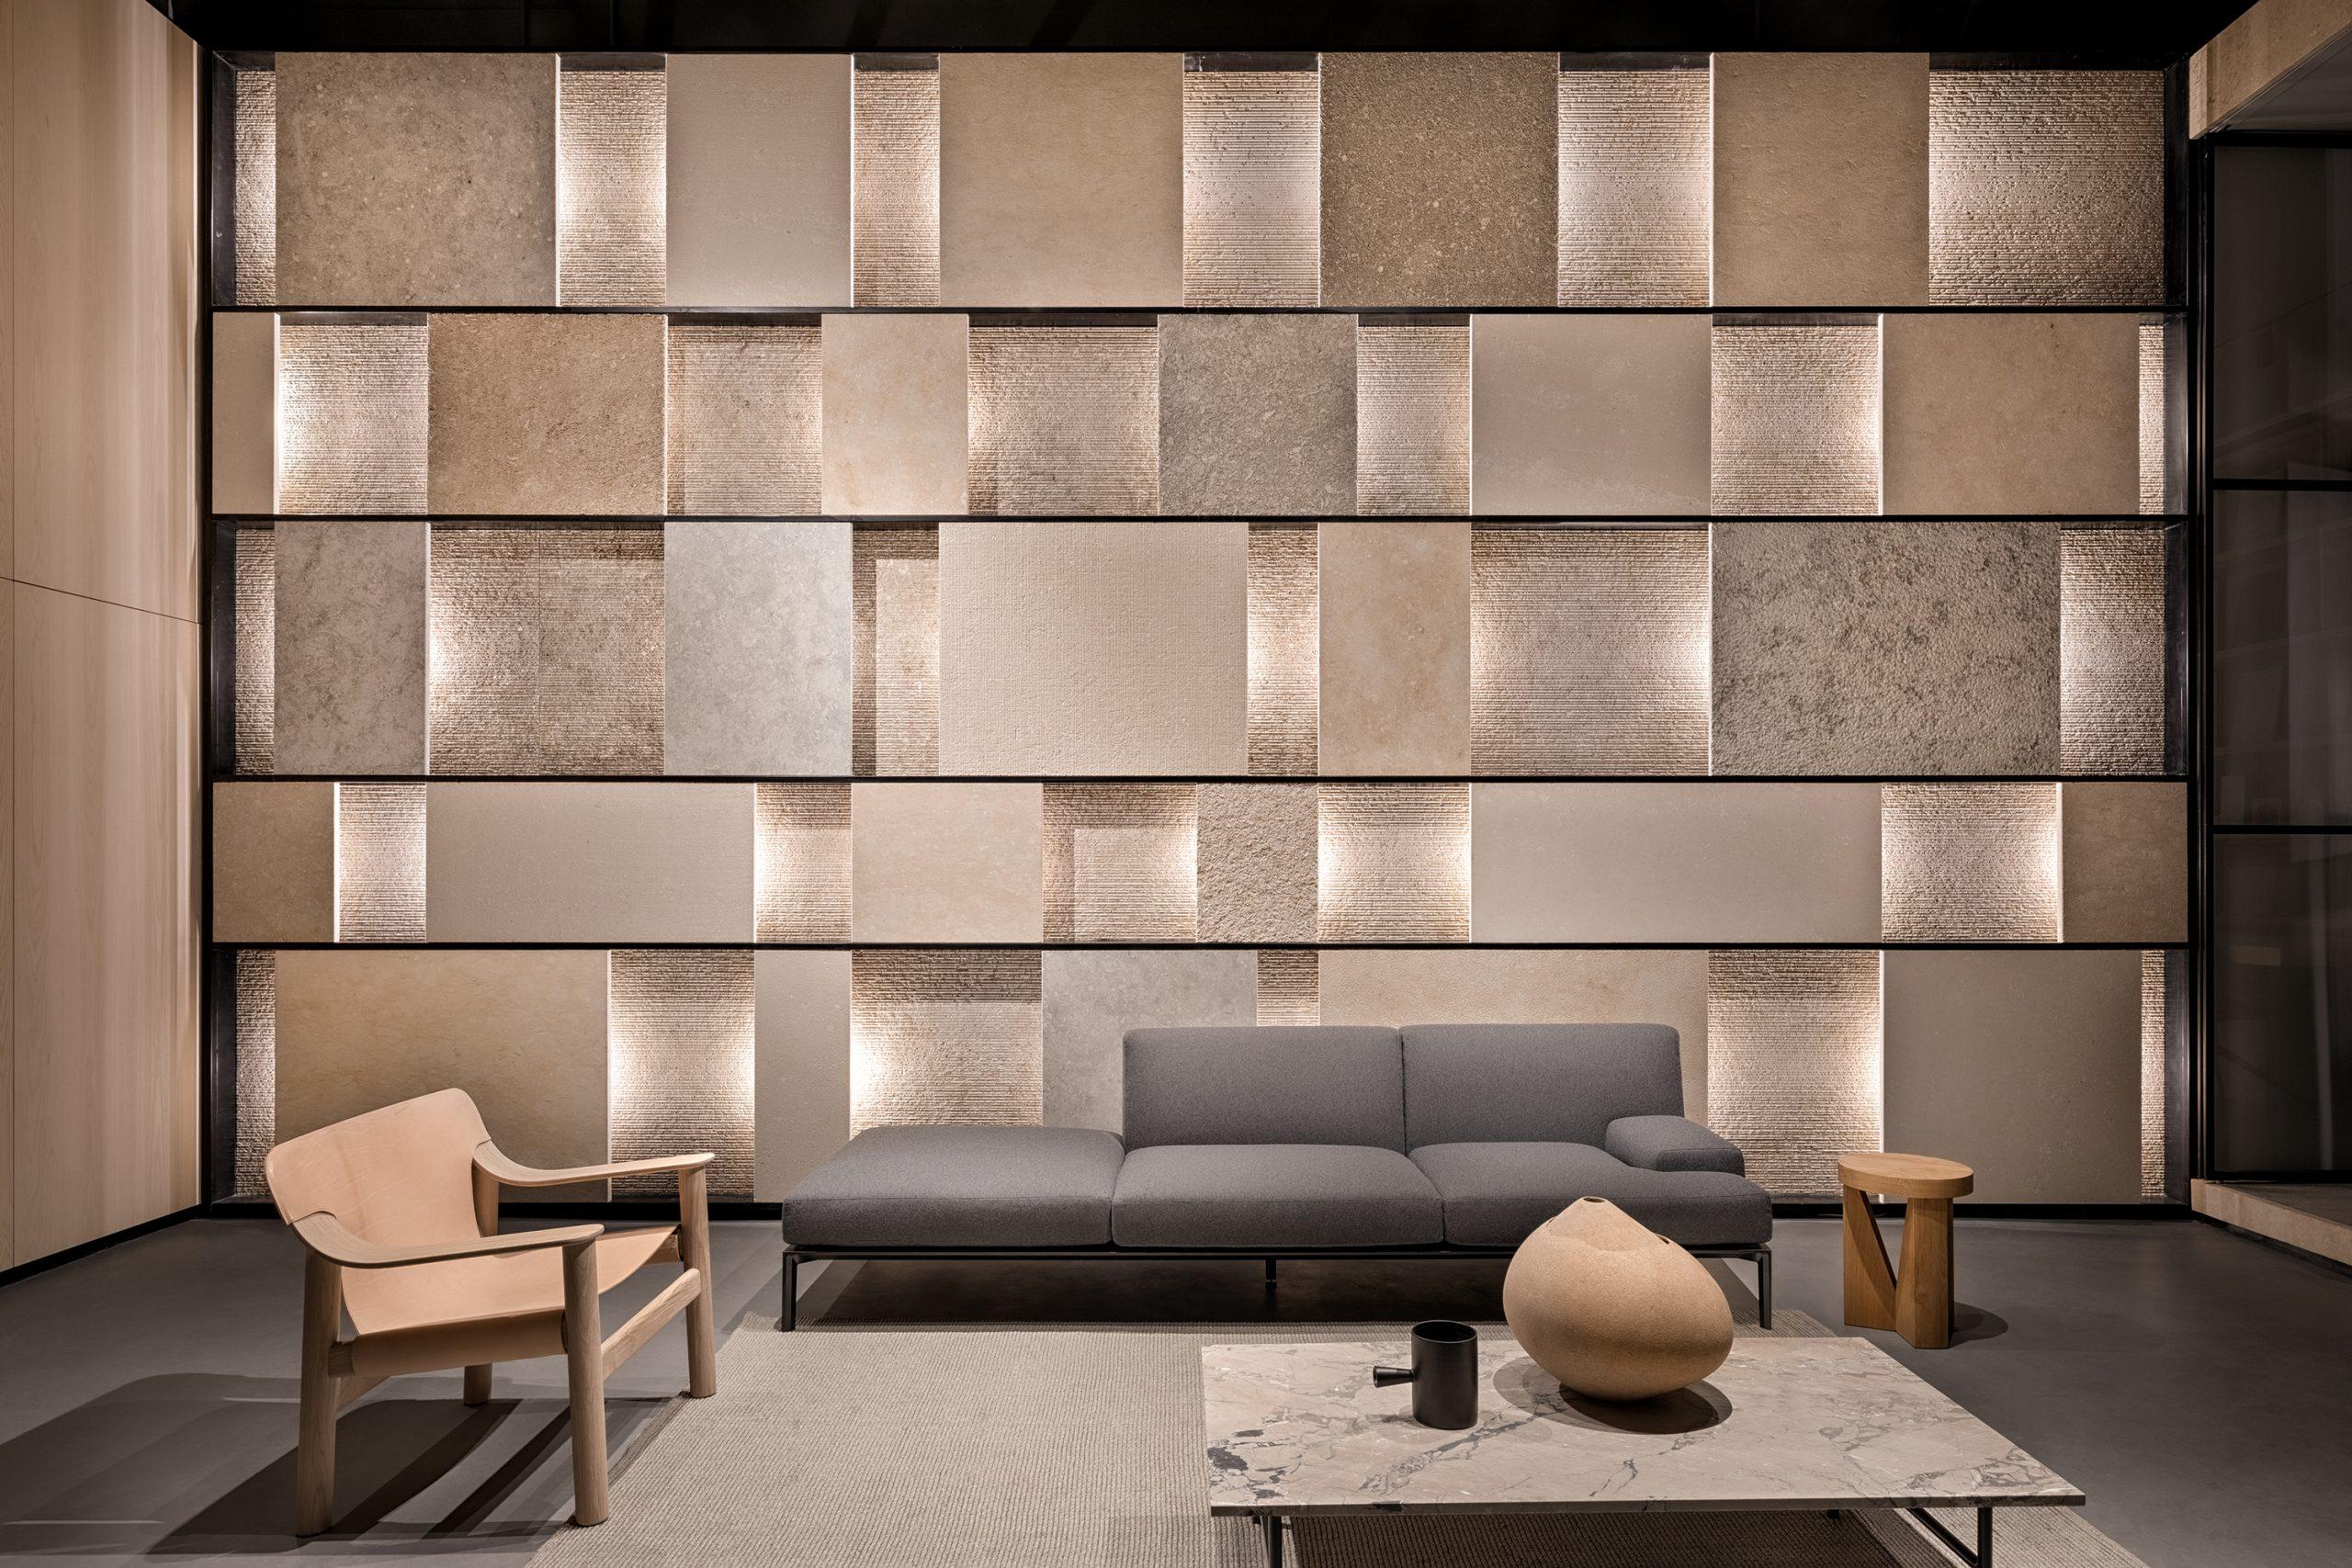 Showroom Interior Design by Debiasi Sandri for Grassi Pietre